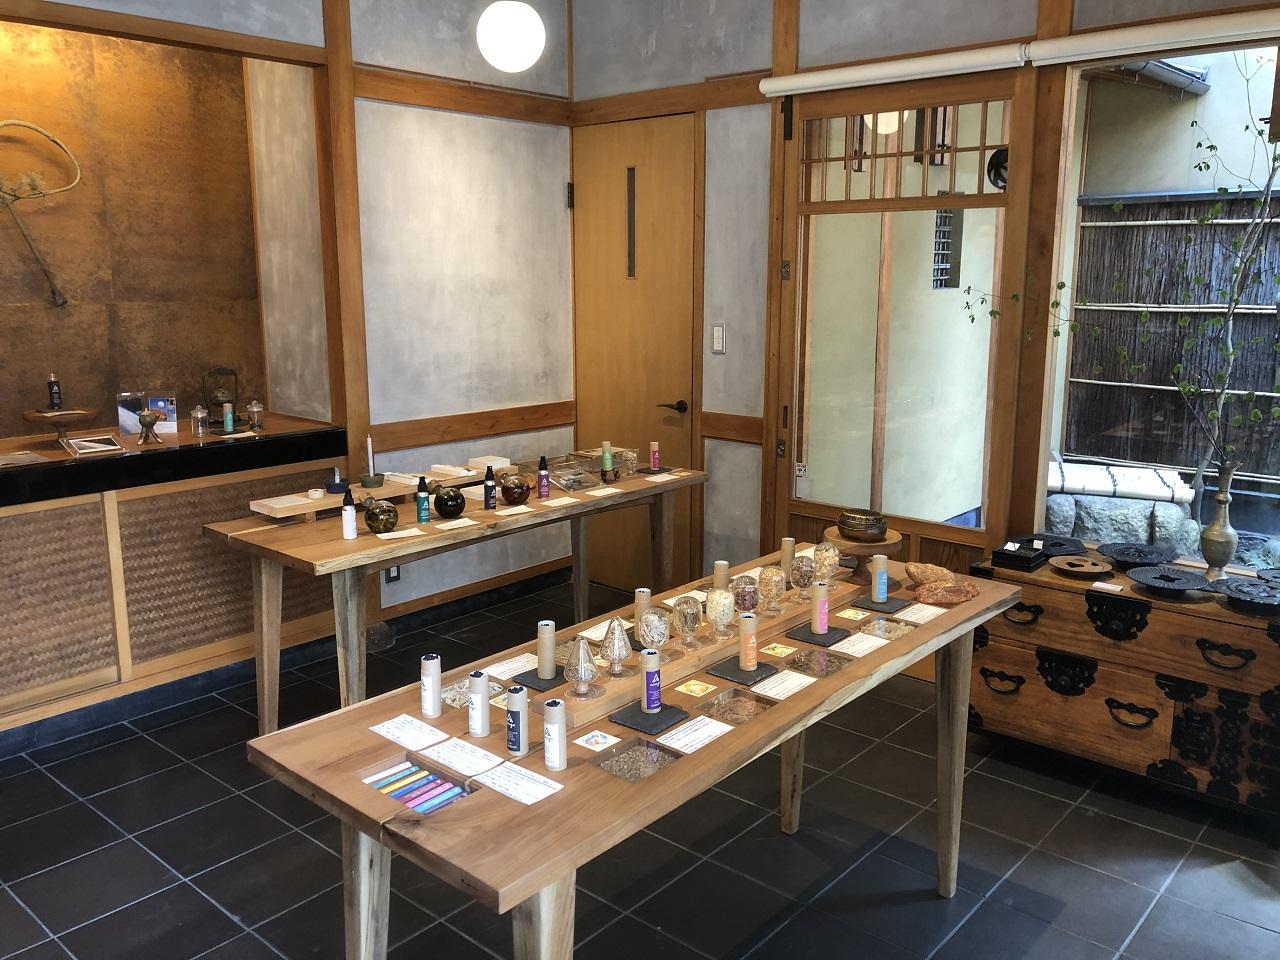 整然と並べられたオリジナルお線香の数々。日本の文化が感じられる店内のあしらいにホッとして。